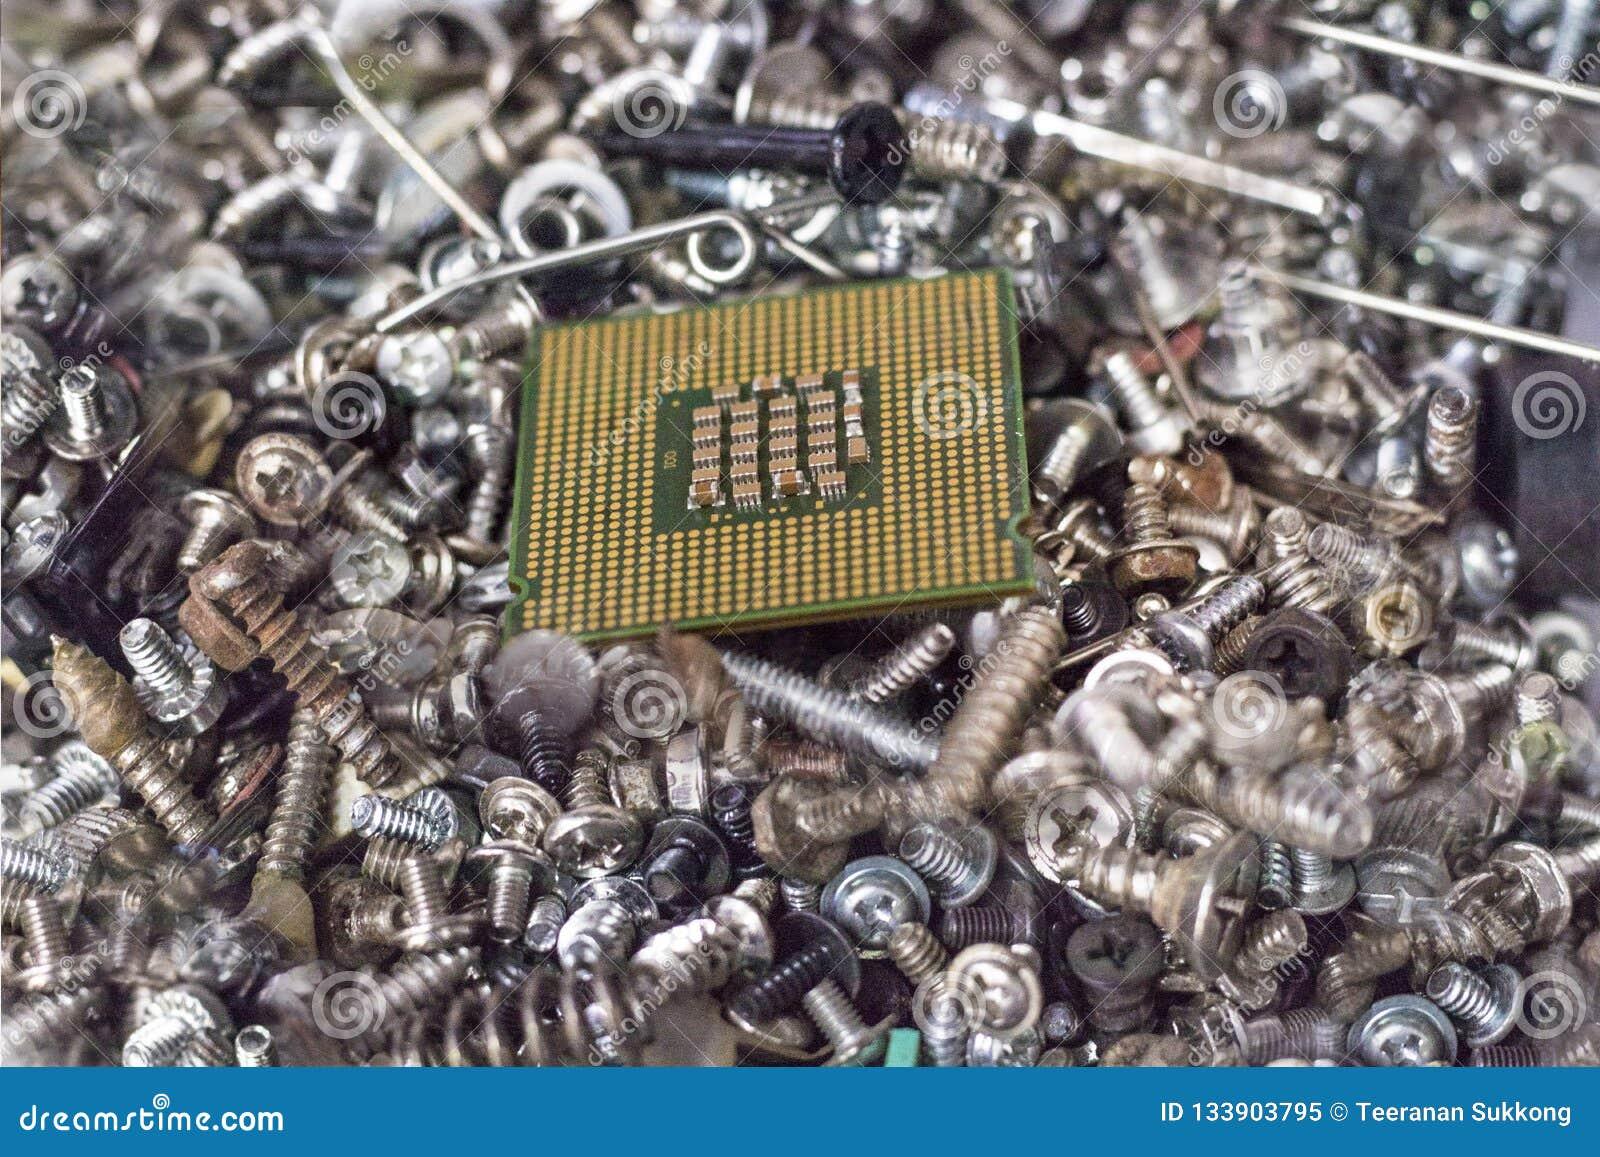 全部螺丝联接 来与cpu处理设备